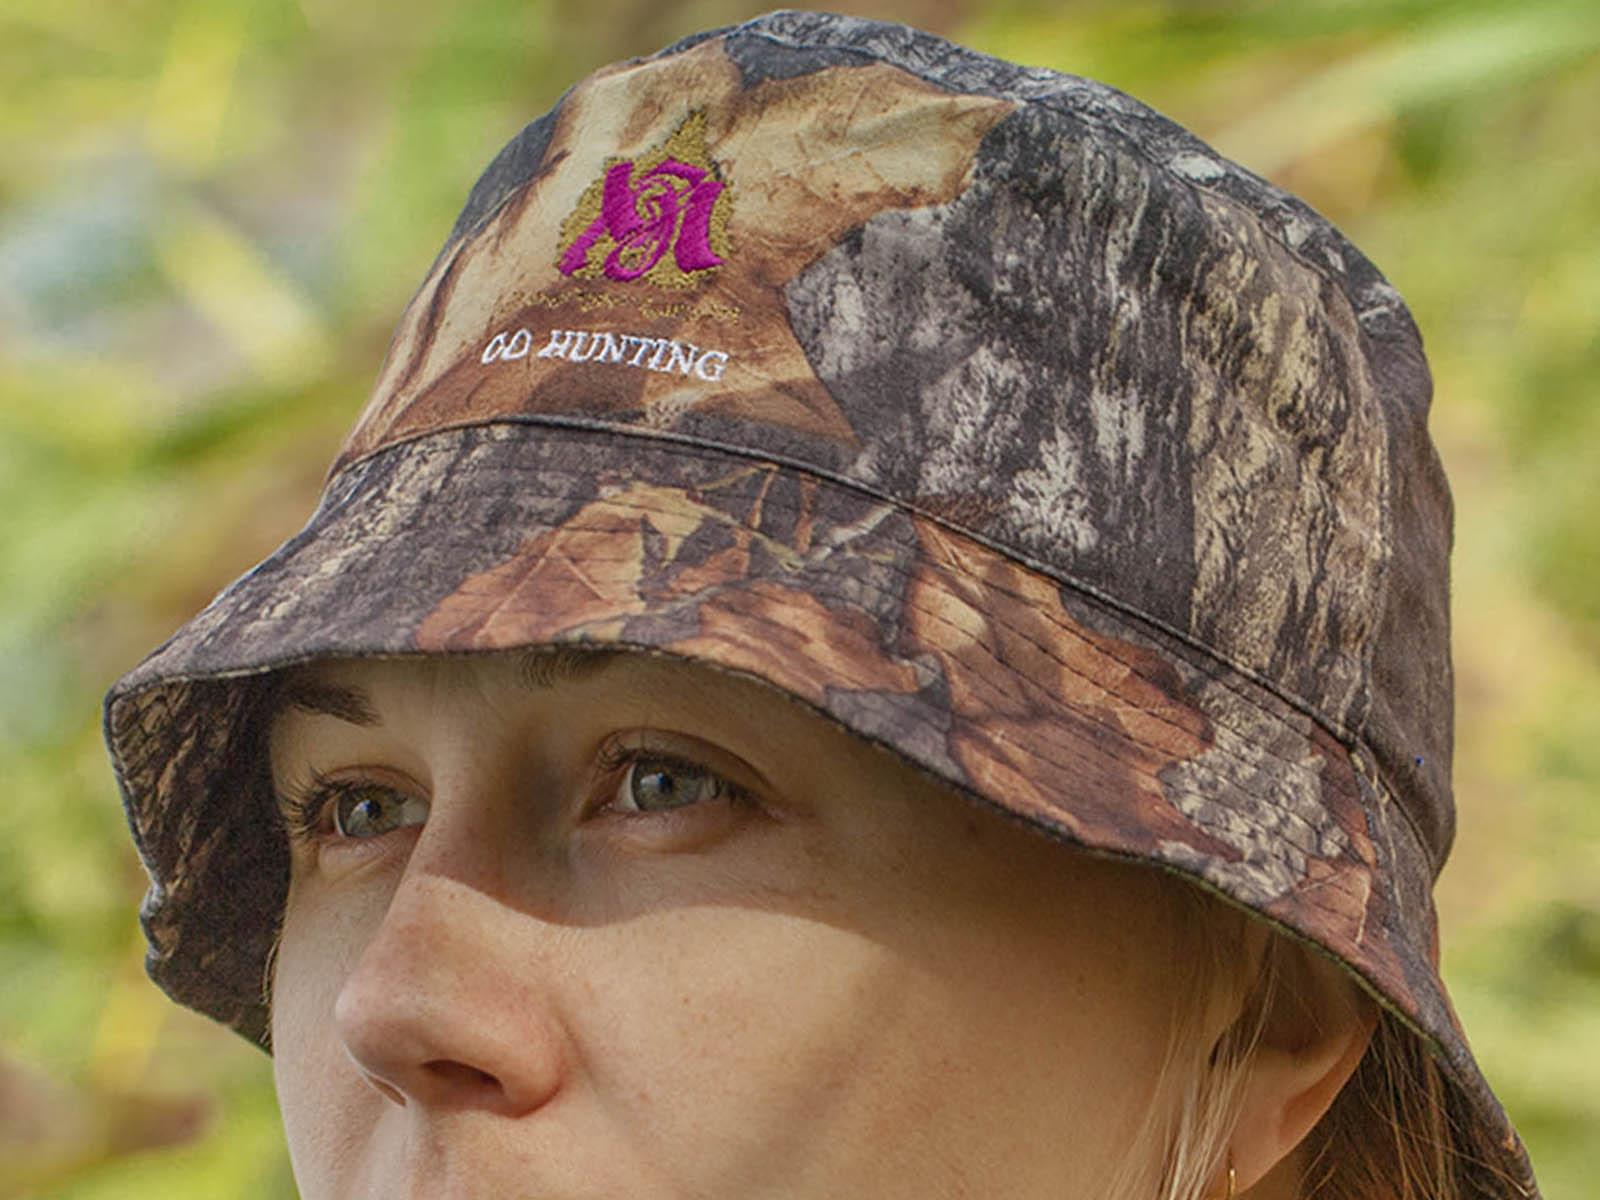 Красивая панама защитного цвета на голову рыбака и охотника